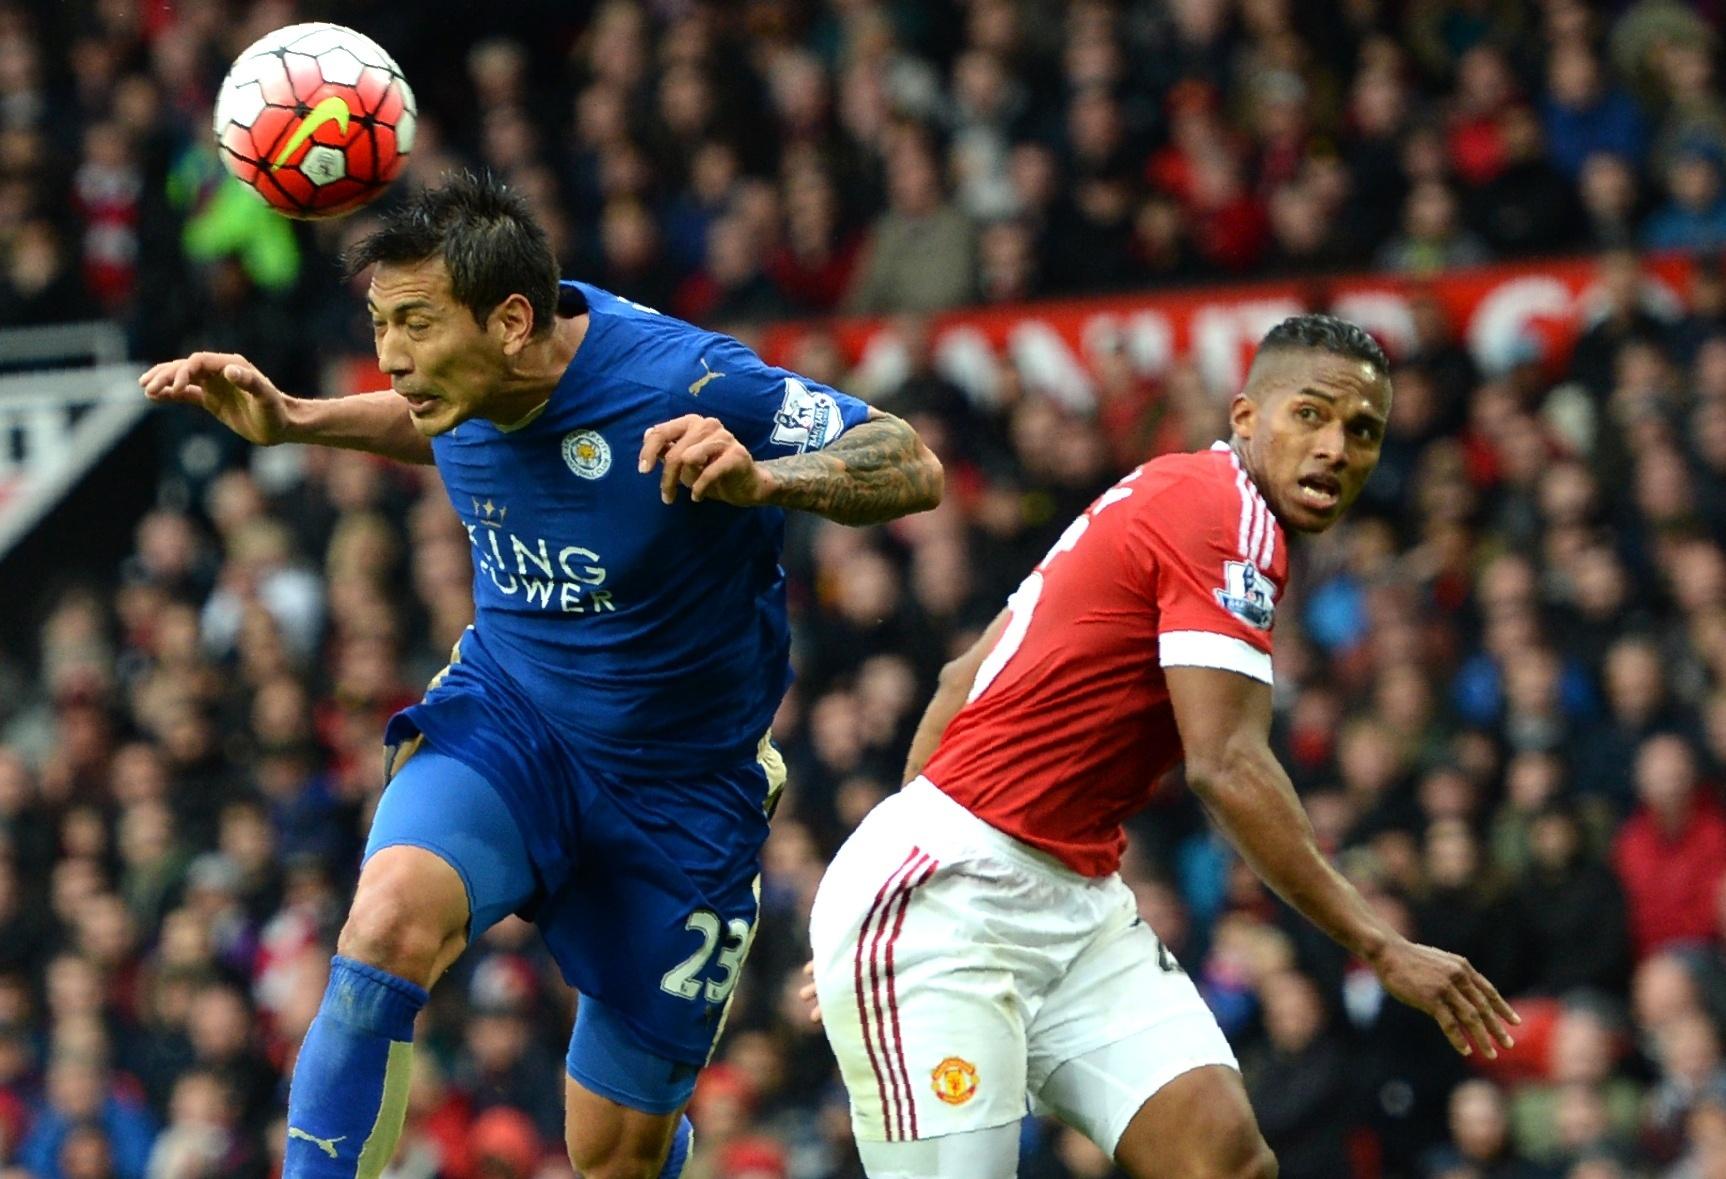 Ulloa, do Leicester, cabeceia a bola observado por Valencia, do Manchester United